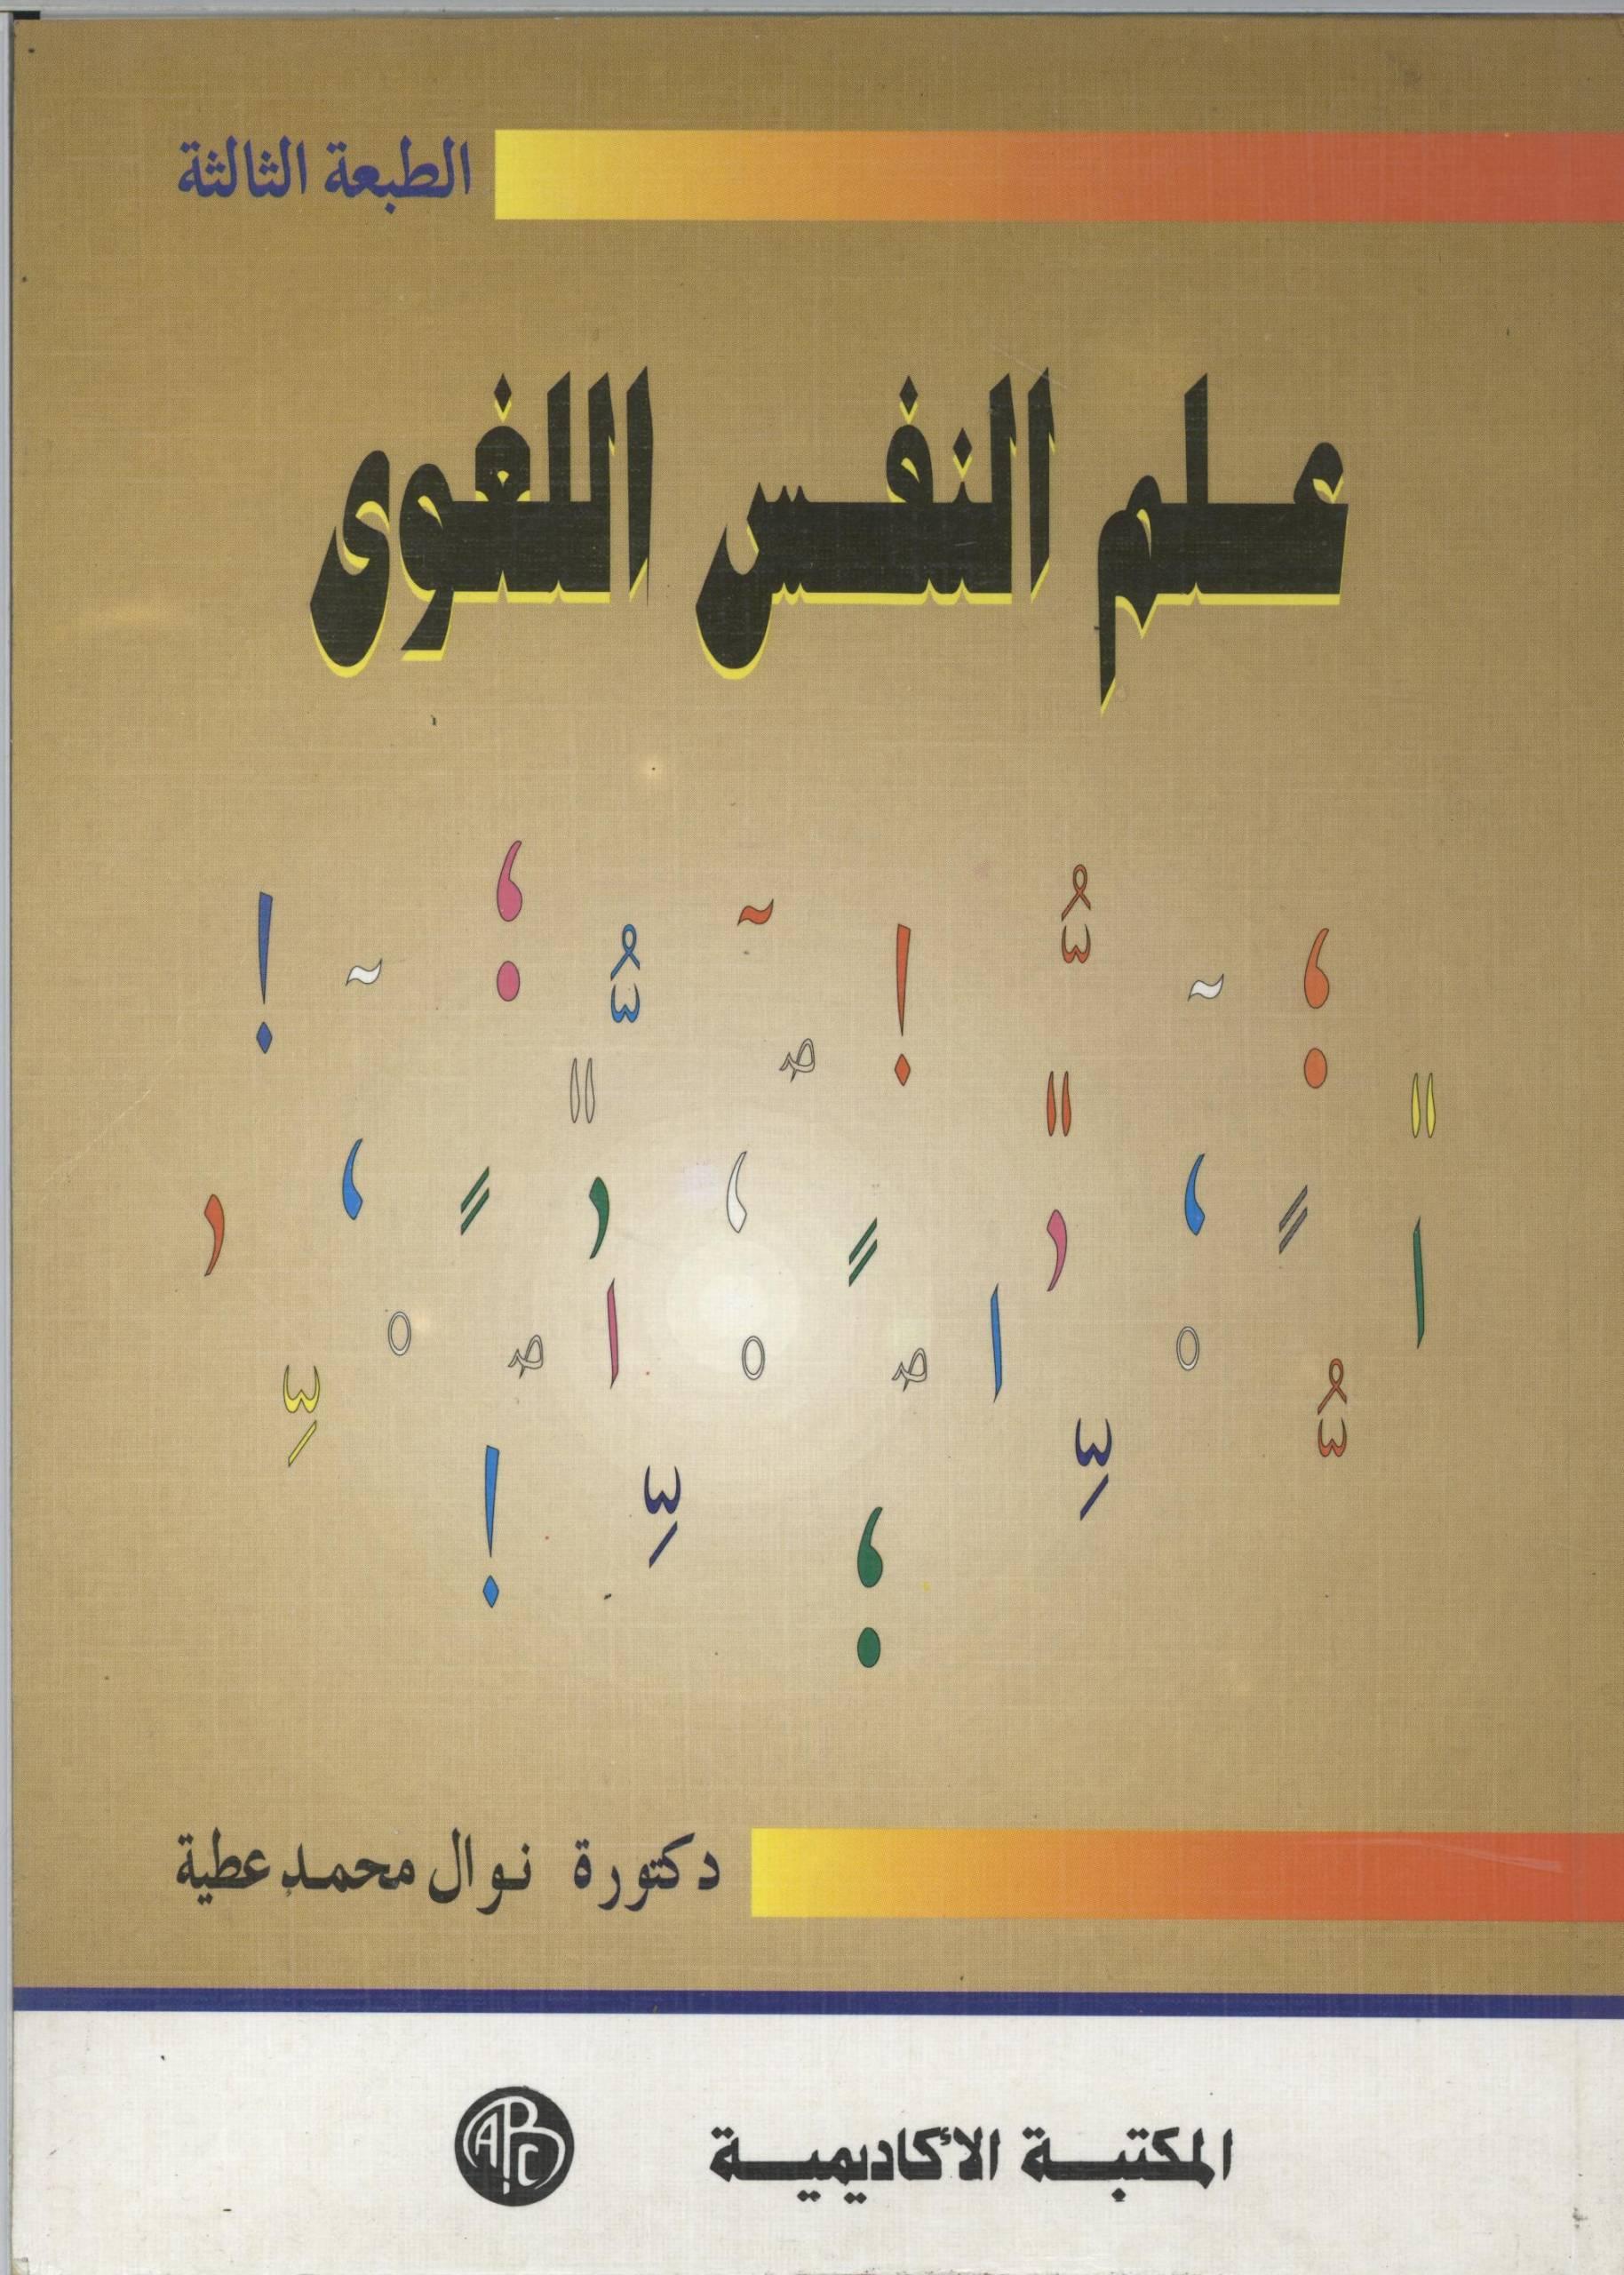 علم النفس اللغوى